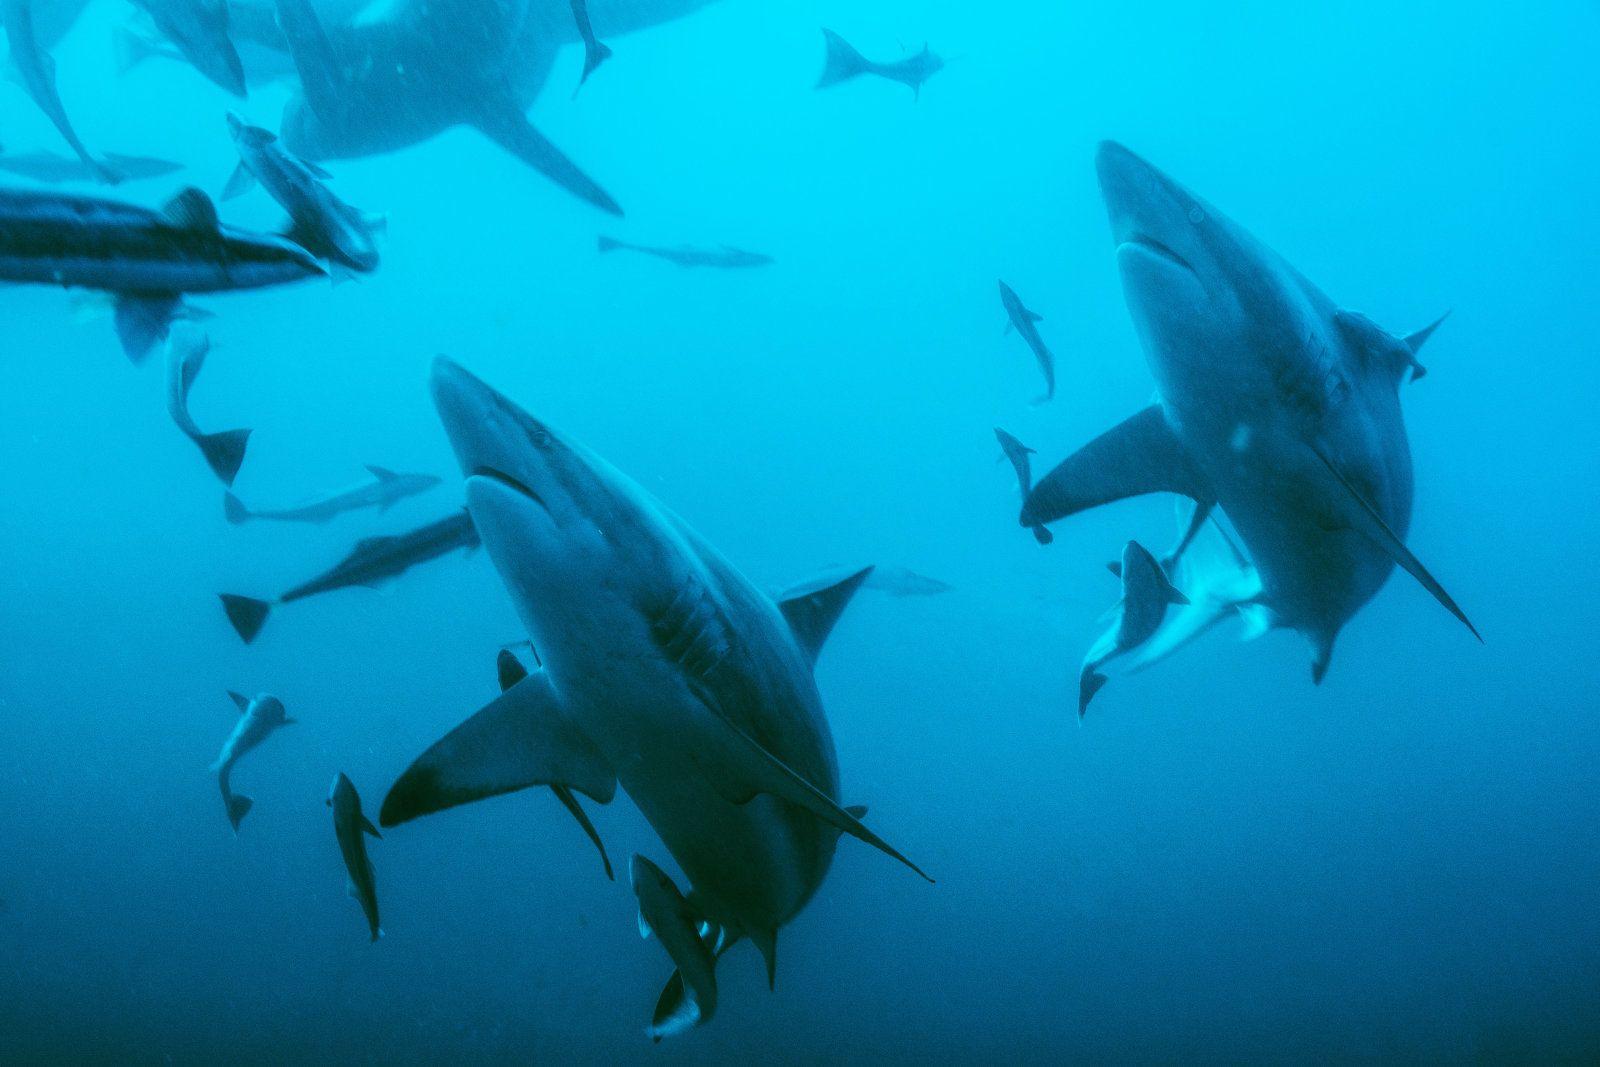 Océano sin oxígeno: El calentamiento global ataca